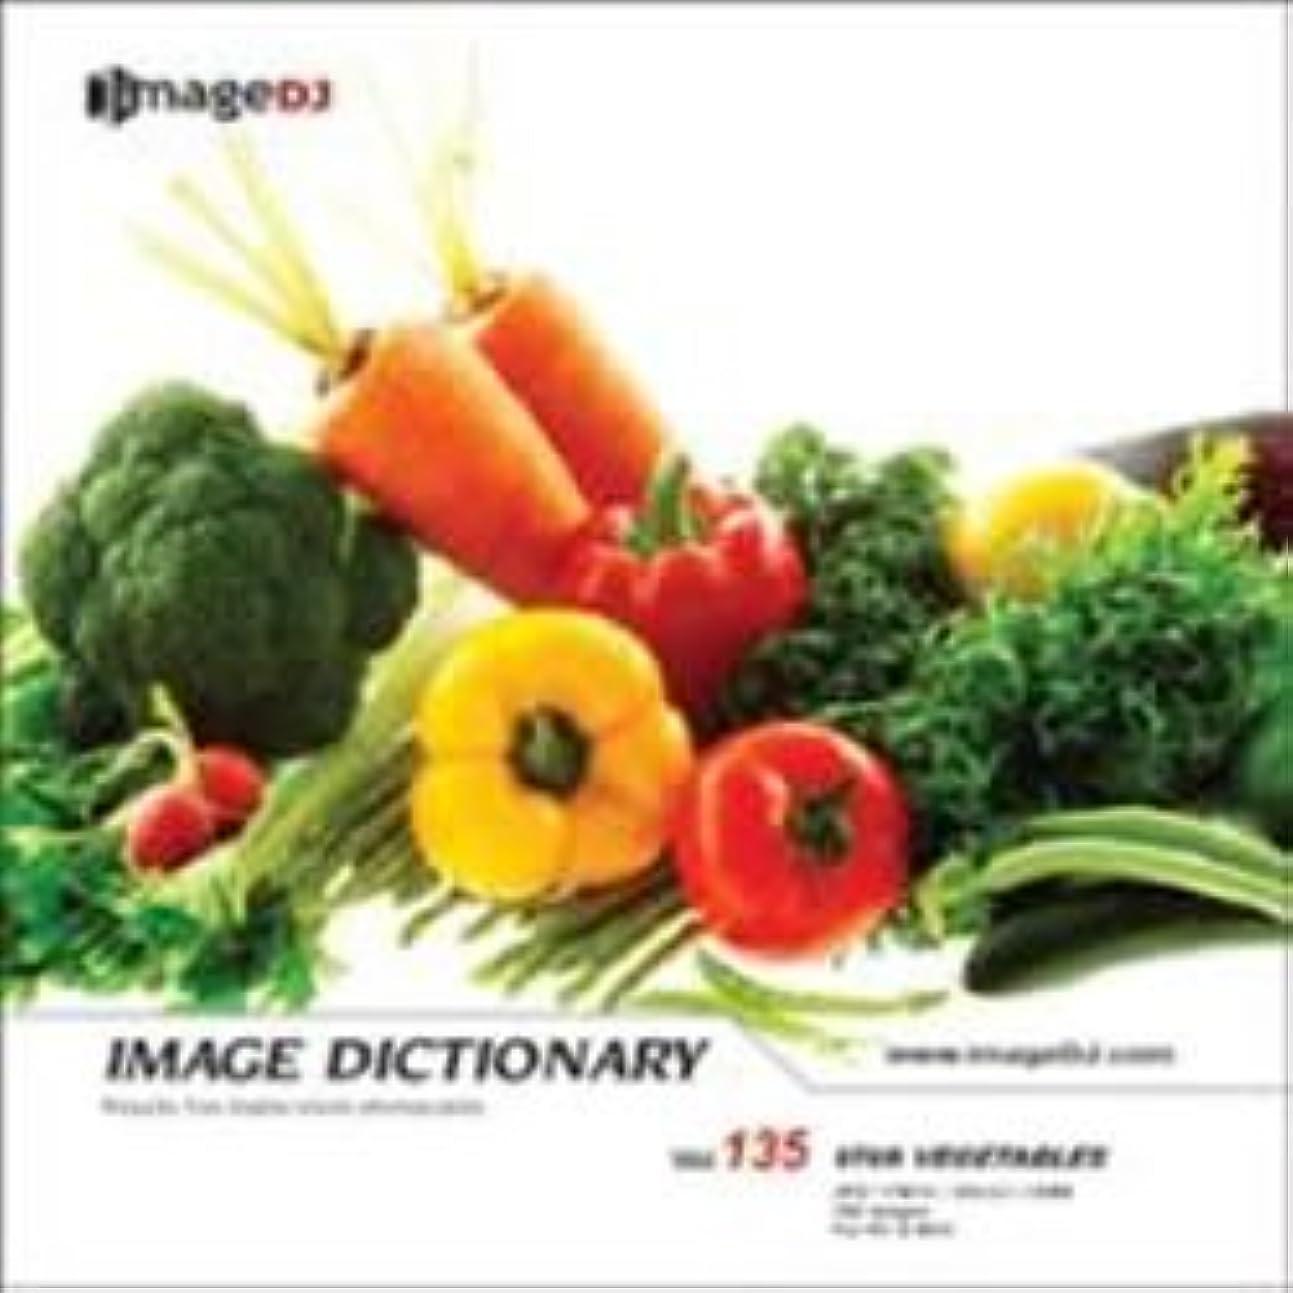 イメージ ディクショナリー Vol.135 野菜万歳